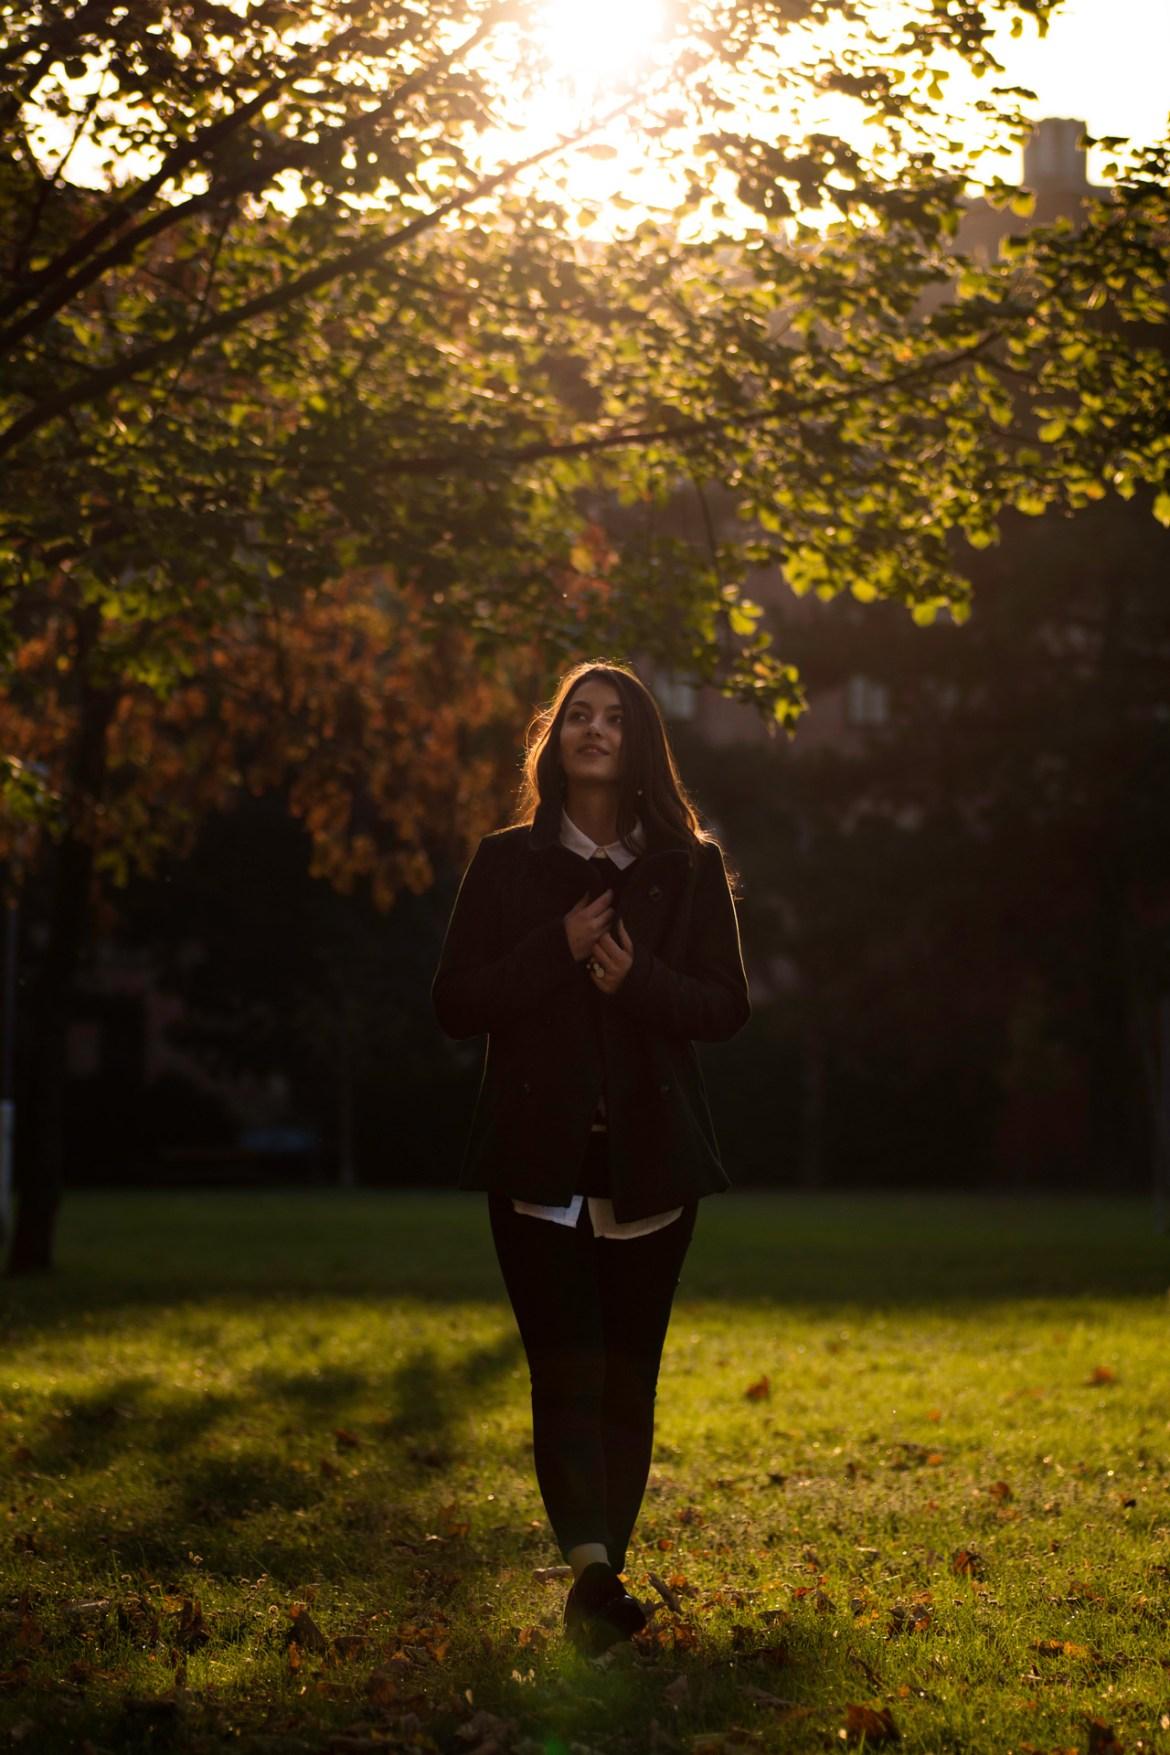 Dorie läuft im Sonnenlicht über eine Wiese